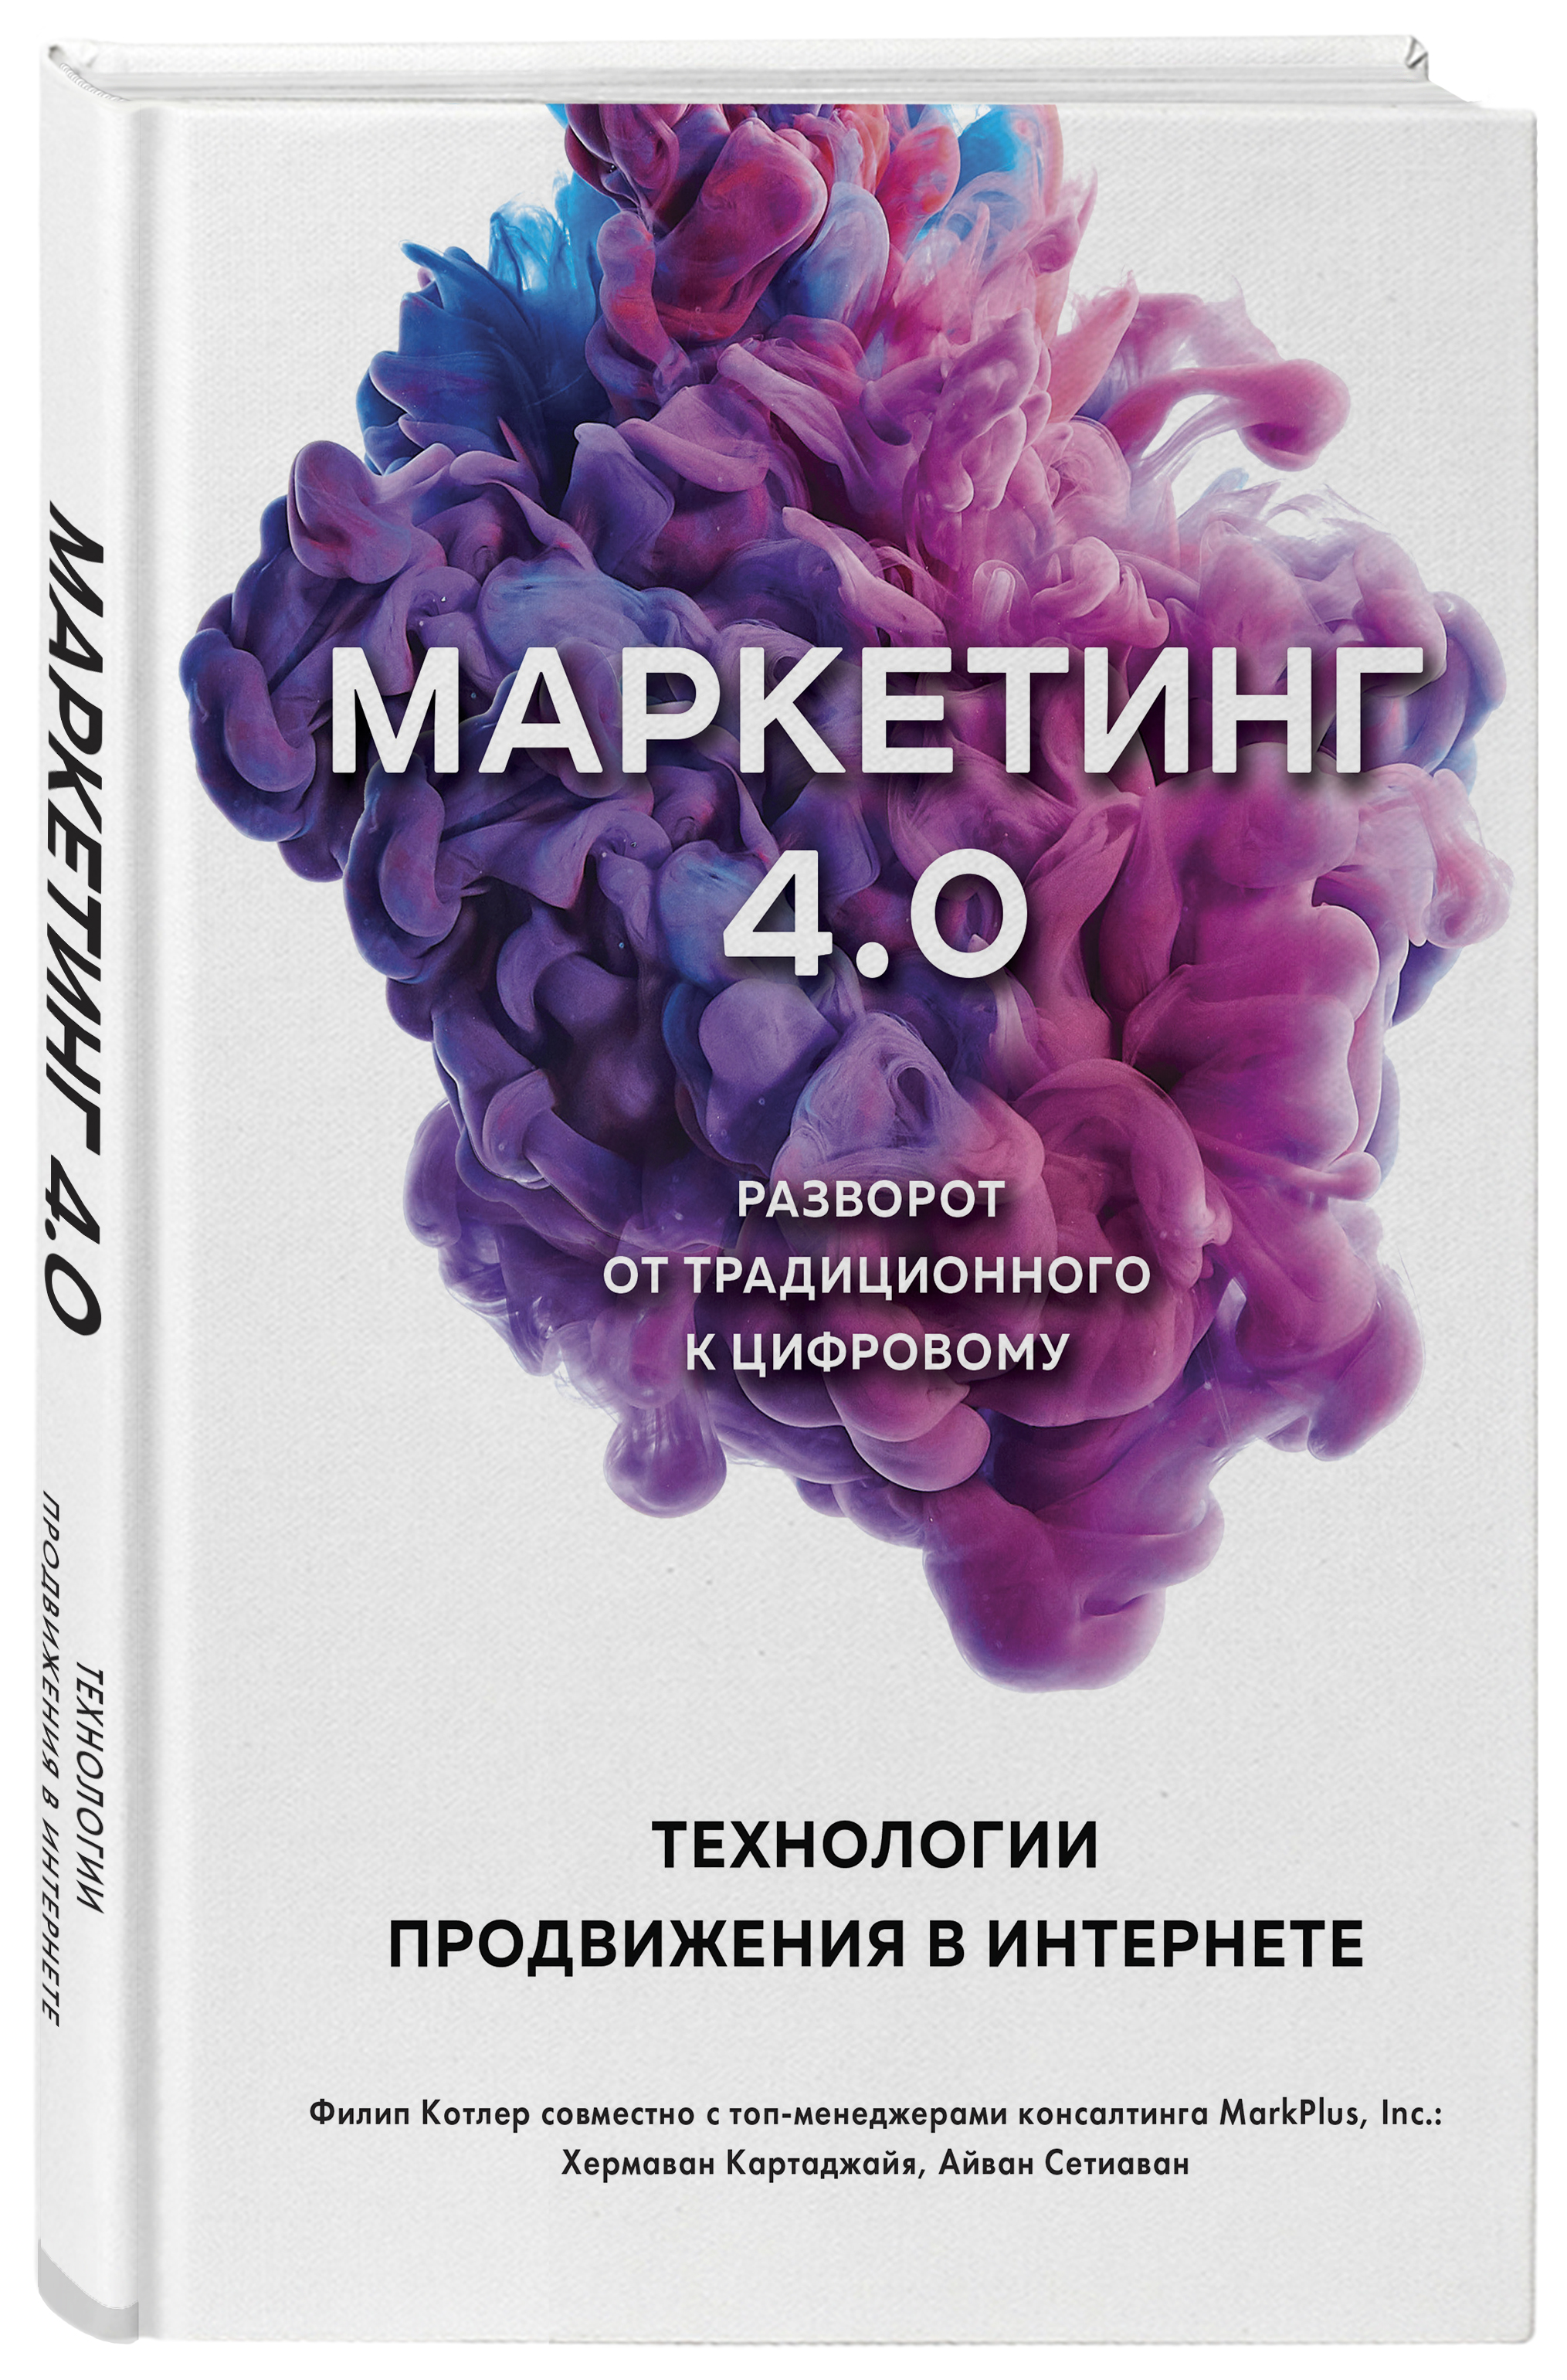 Котлер Ф., Картаджайа Х., Сетиаван А. Маркетинг 4.0. Разворот от традиционного к цифровому: технологии продвижения в интернете ф котлер к л келлер маркетинг менеджмент